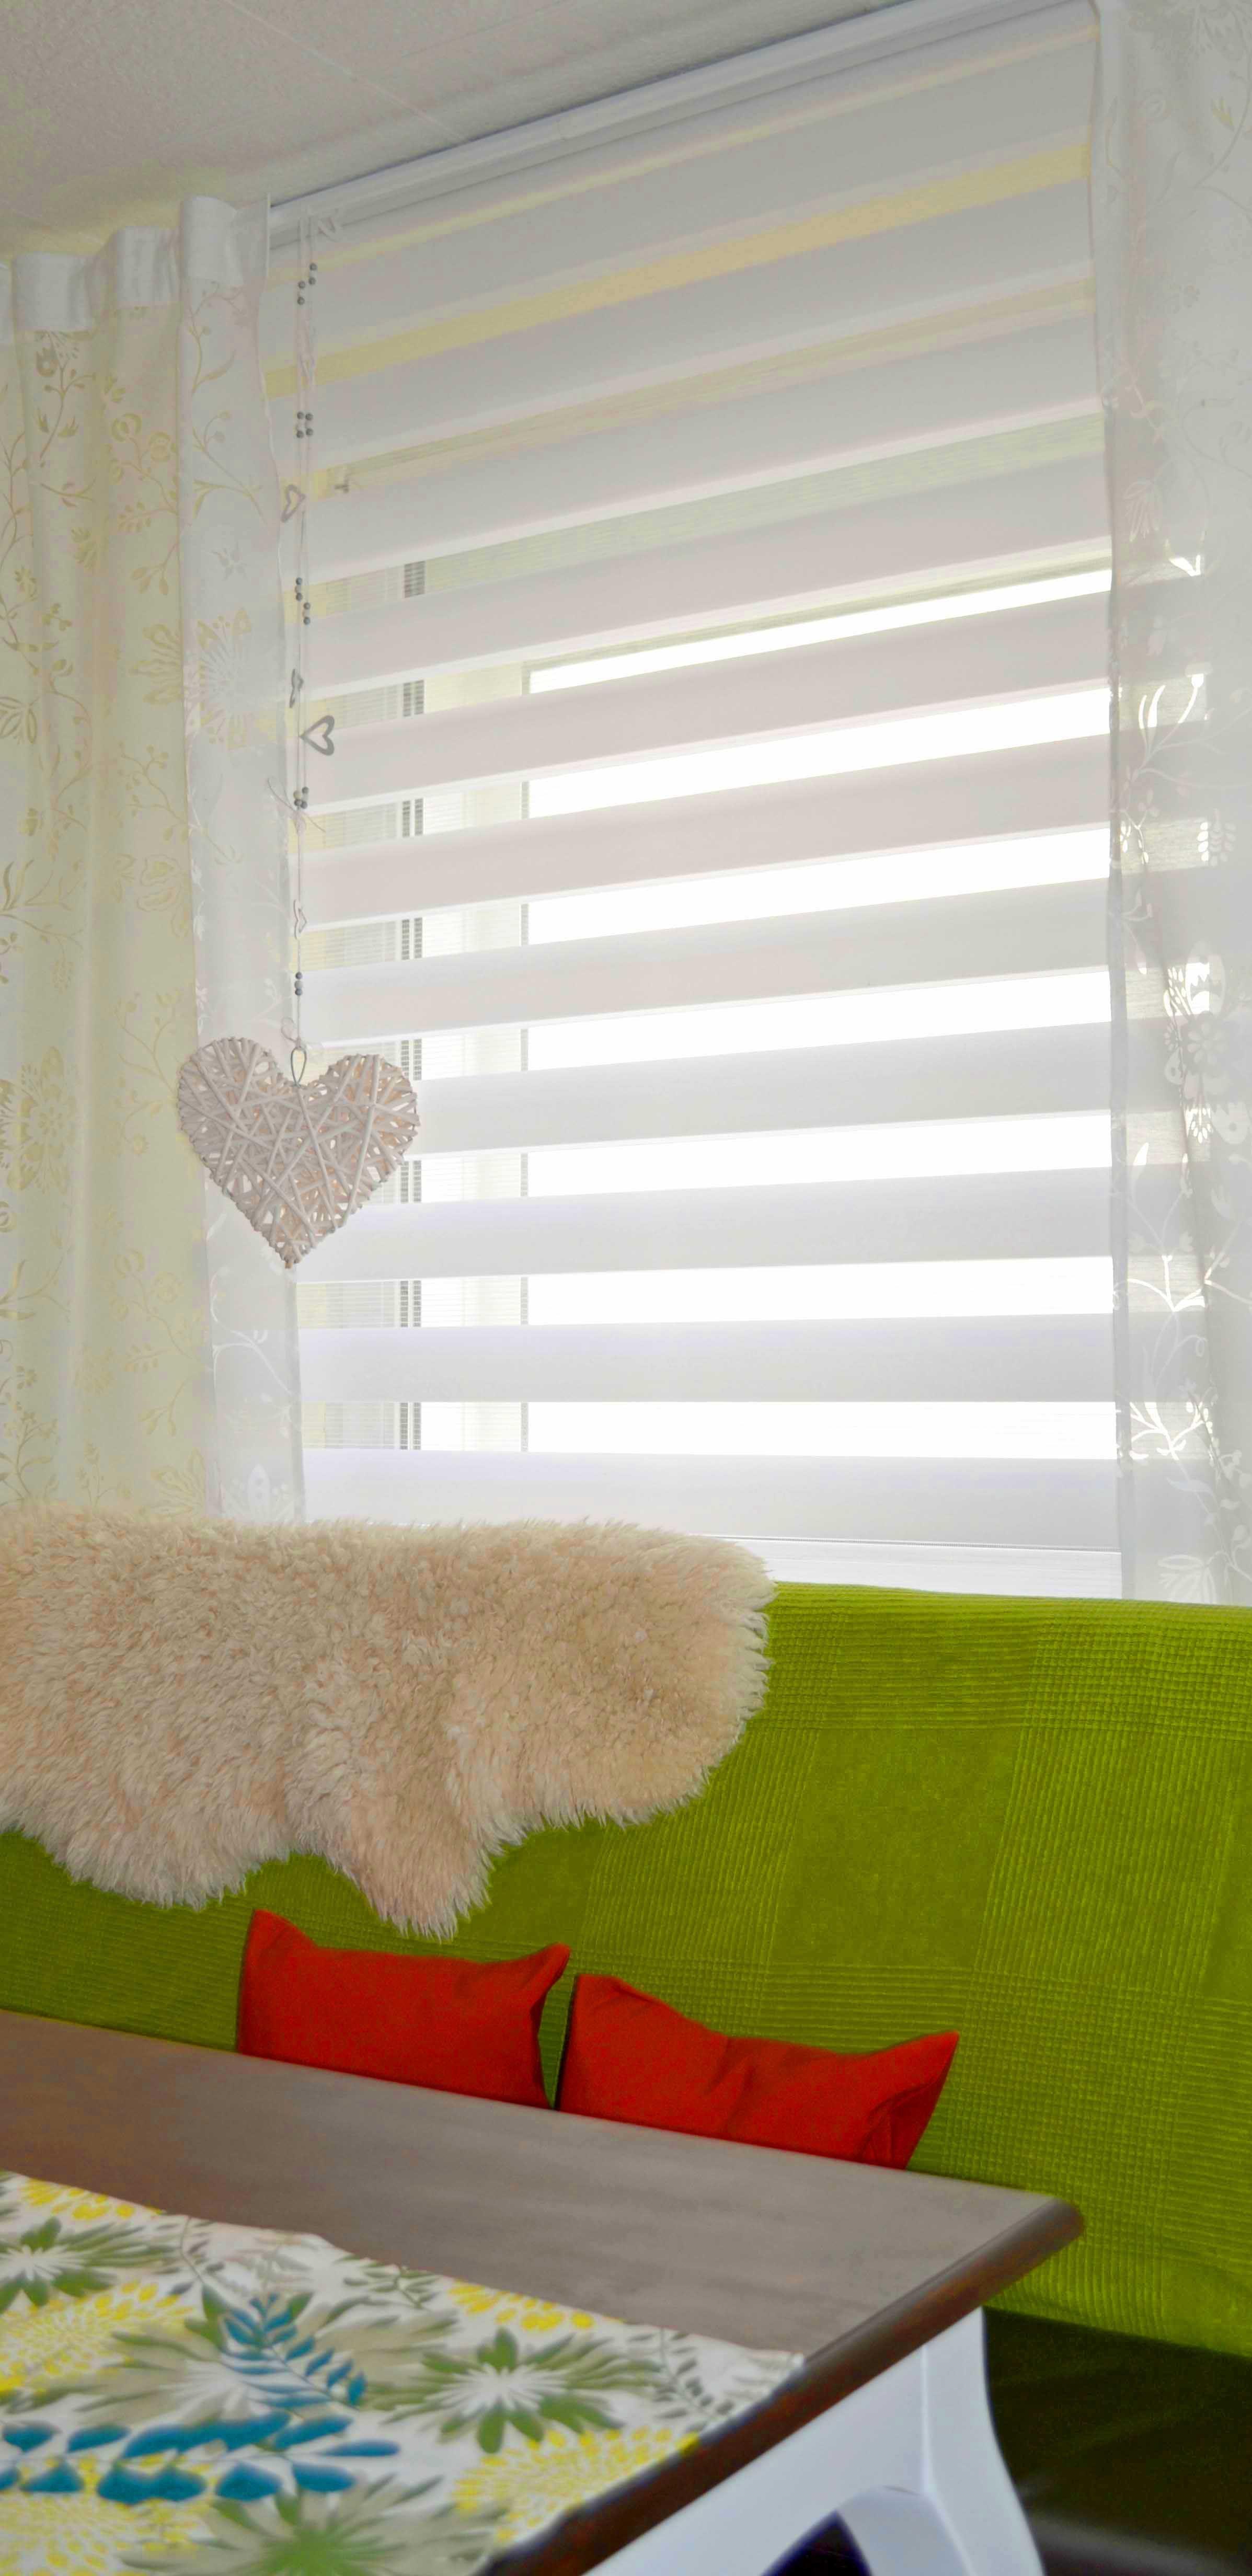 rollo #wohnzimmer #couch #fell macht euer zuhause schöner mit ... - Wohnzimmercouch